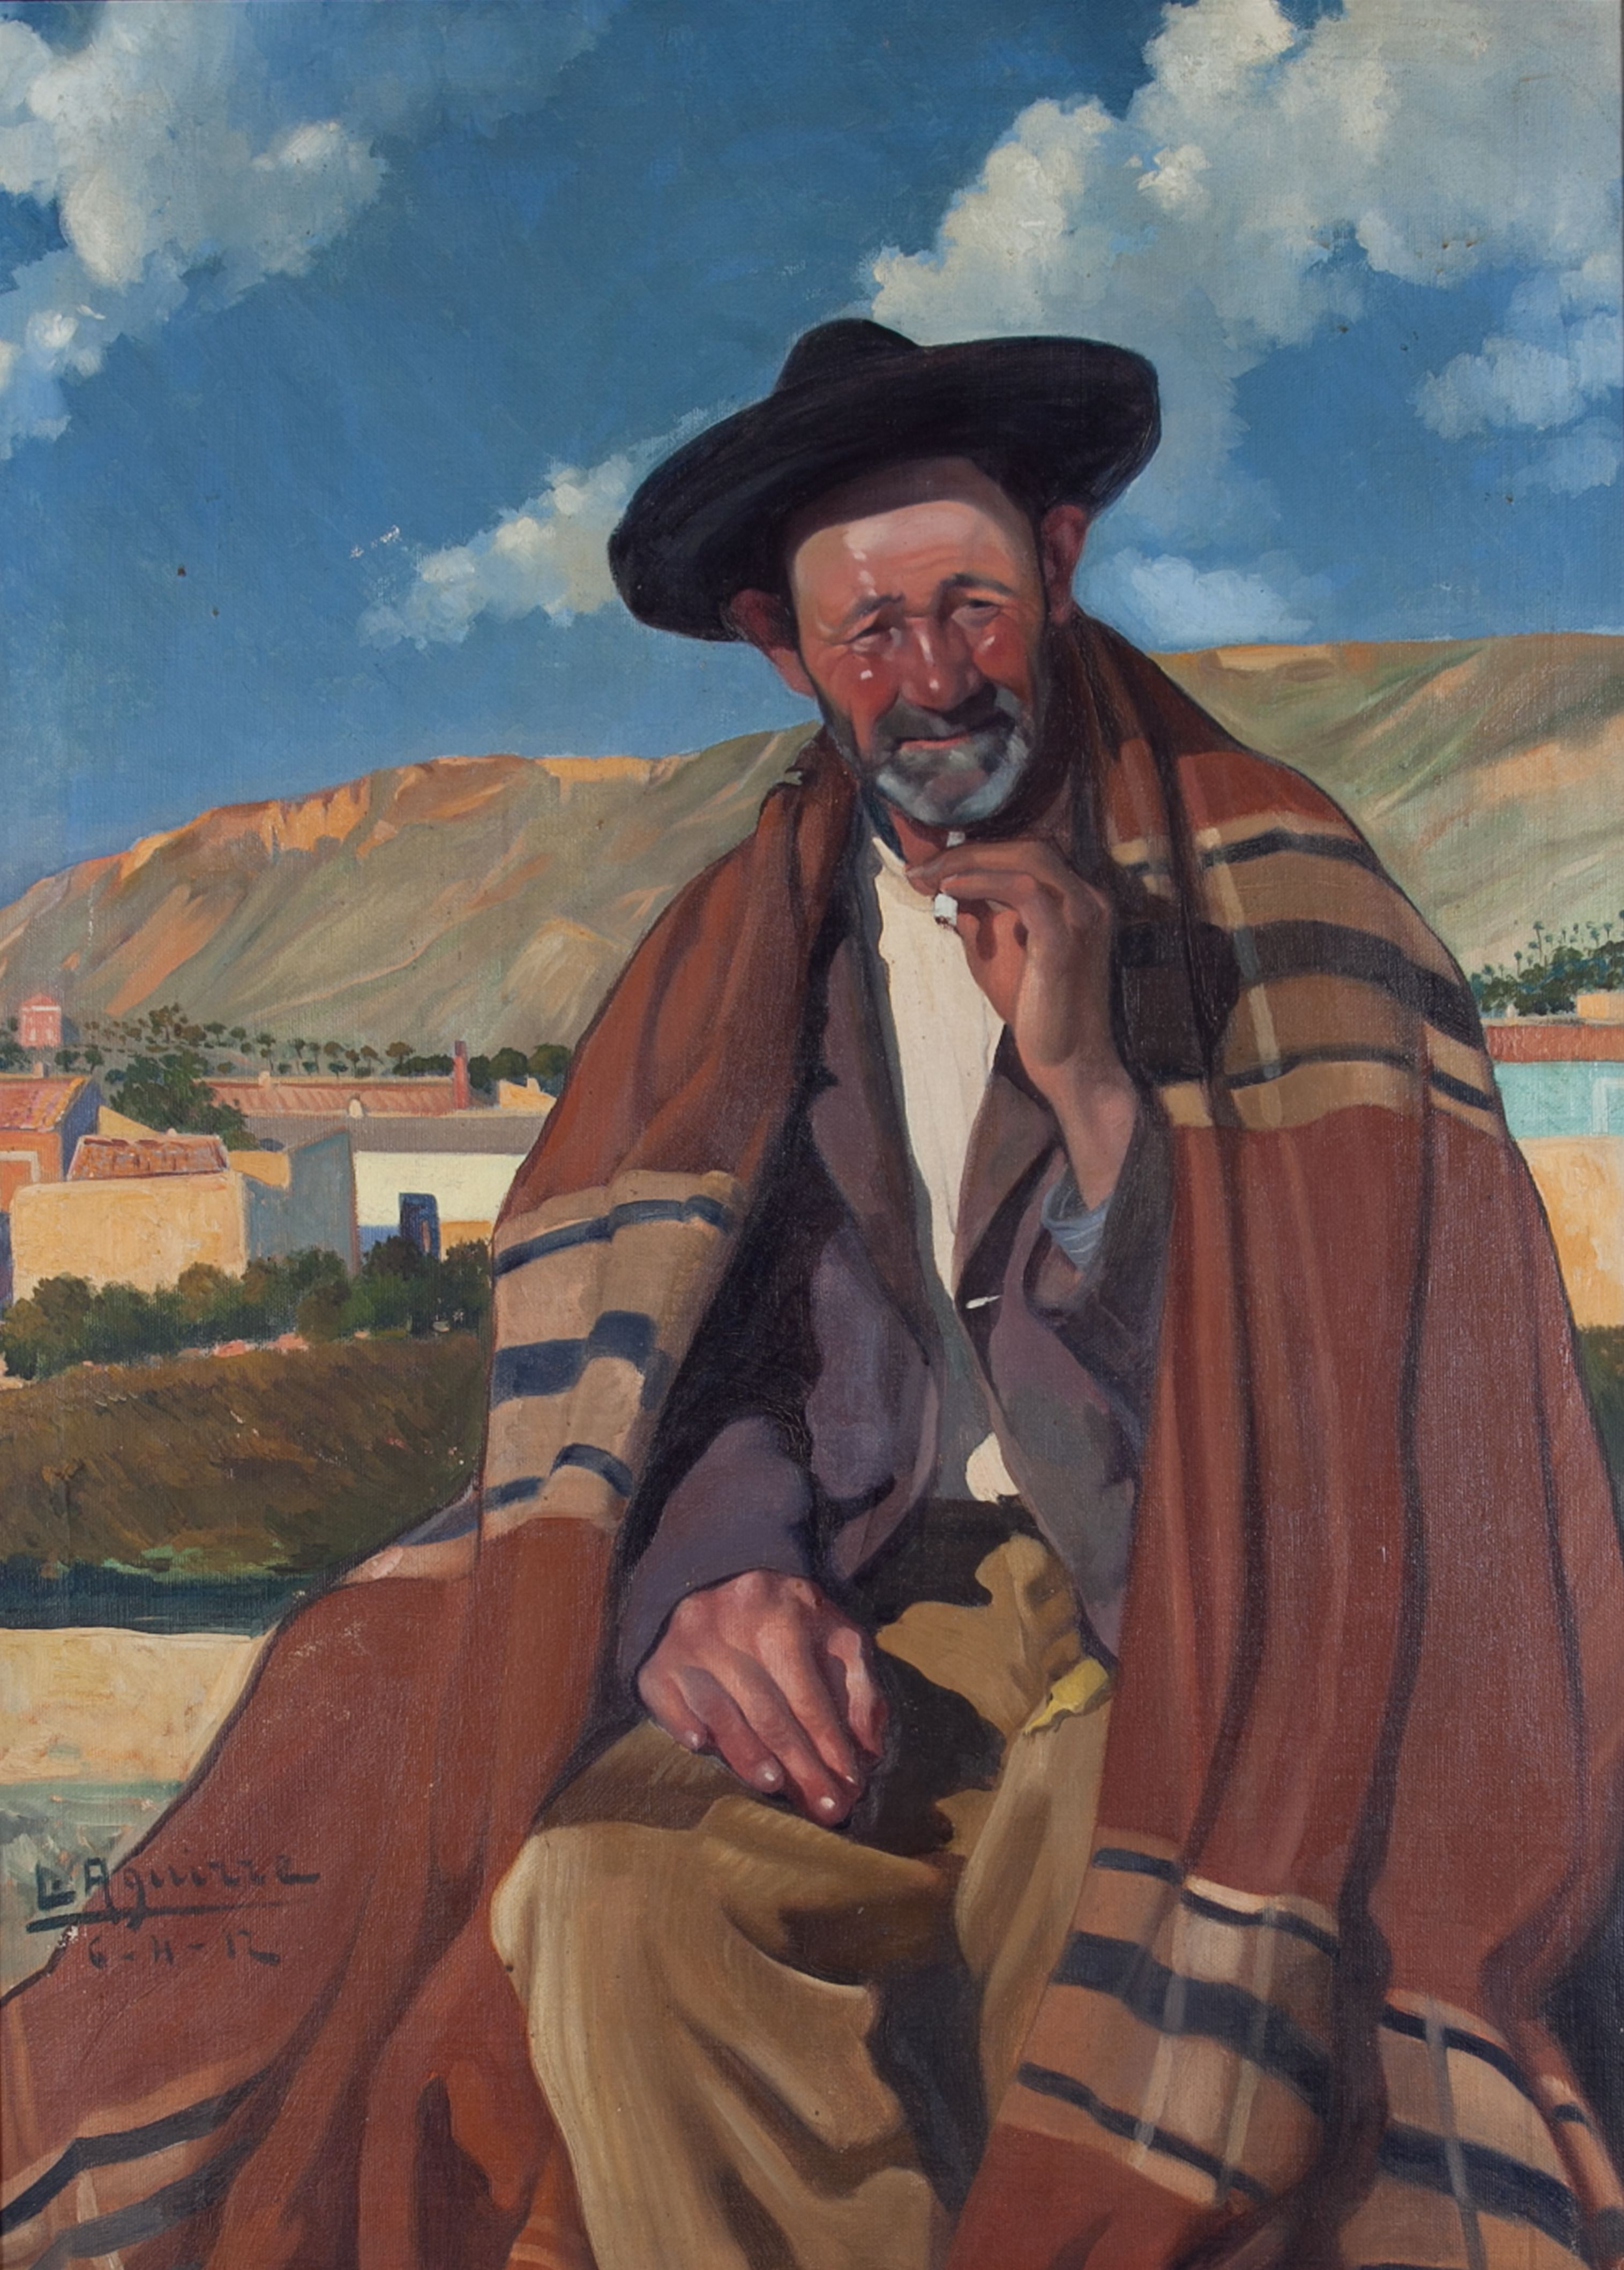 """""""El viejo campesino"""", obra de Lorenzo Aguirre, que se conserva en la Colección de Arte del Ayuntamiento de Alcoy. Crédito: web artalcoi.org.es"""